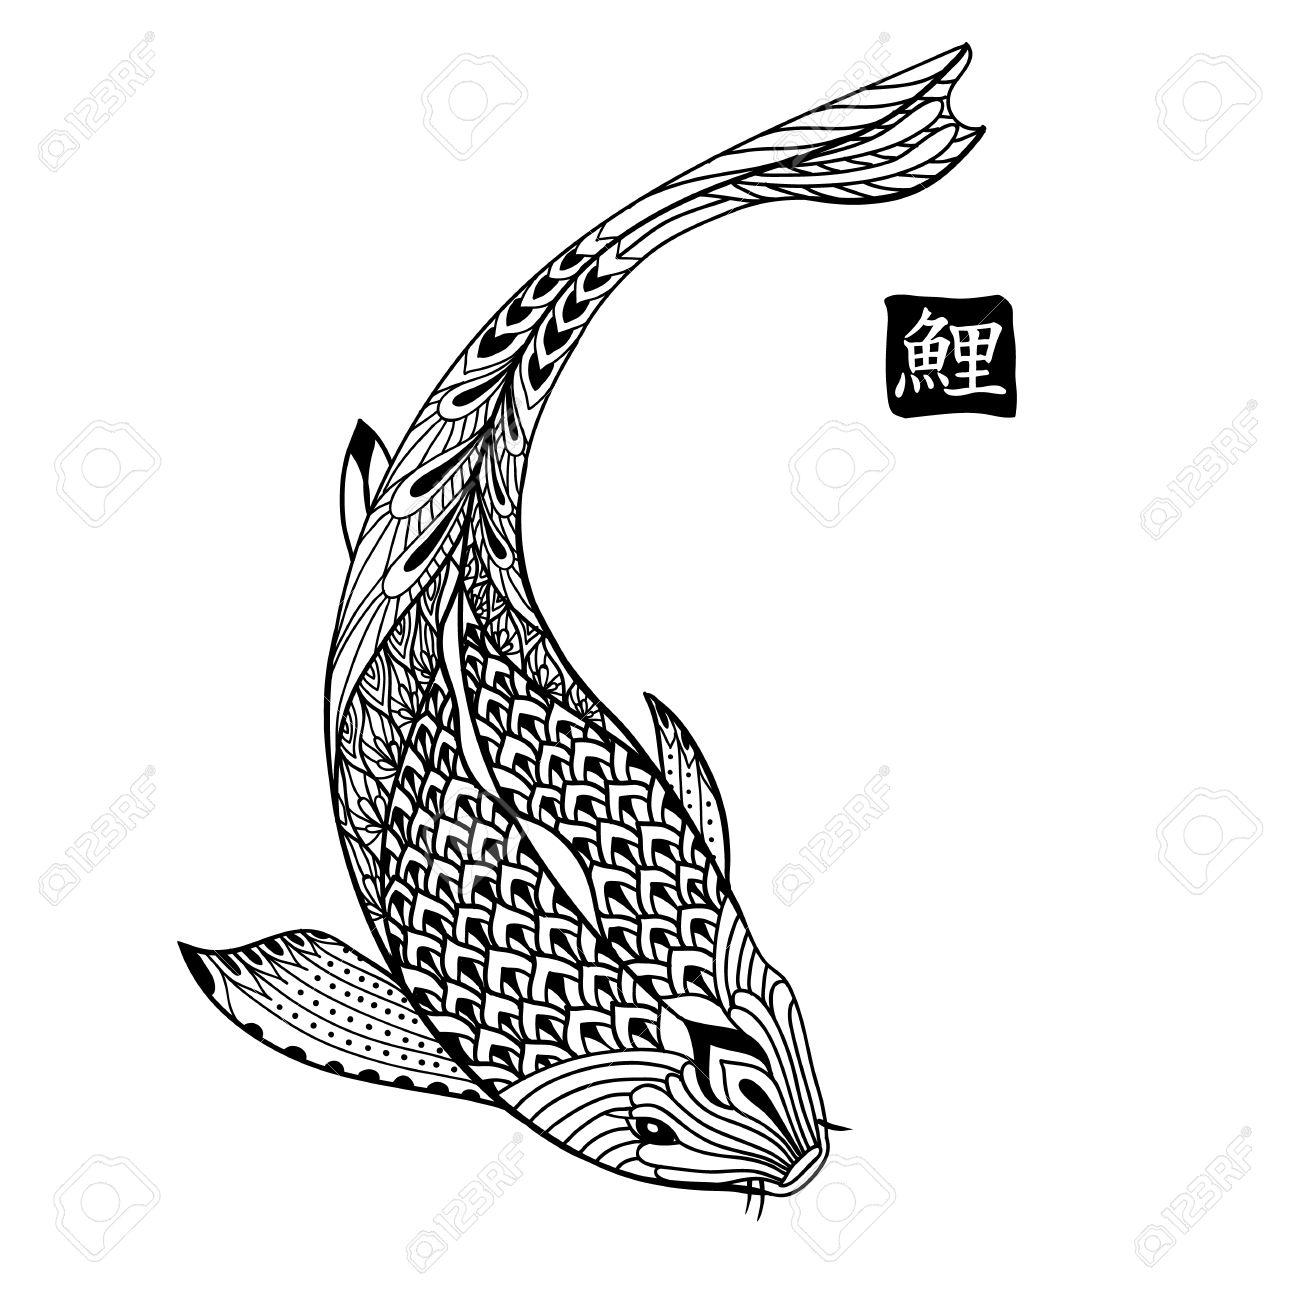 Fantastisch Die Lorax Fisch Malvorlagen Fotos - Beispiel Anschreiben ...